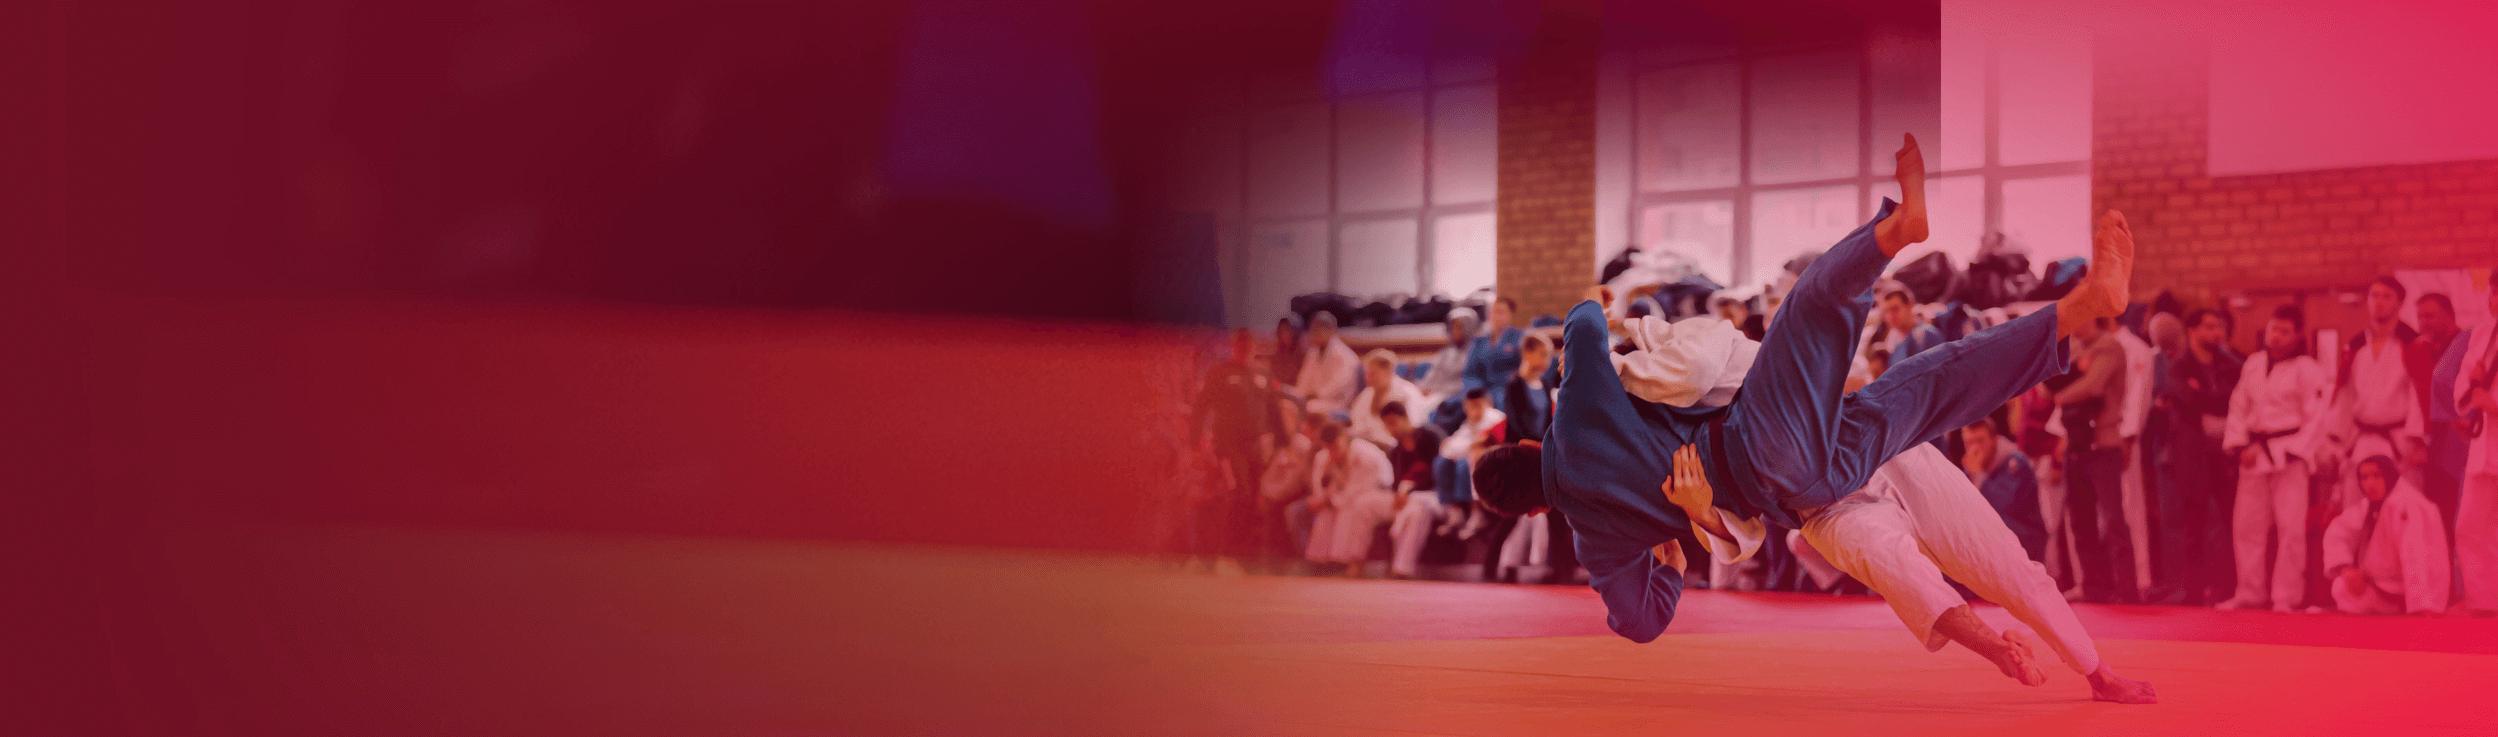 Judo Data Coverage